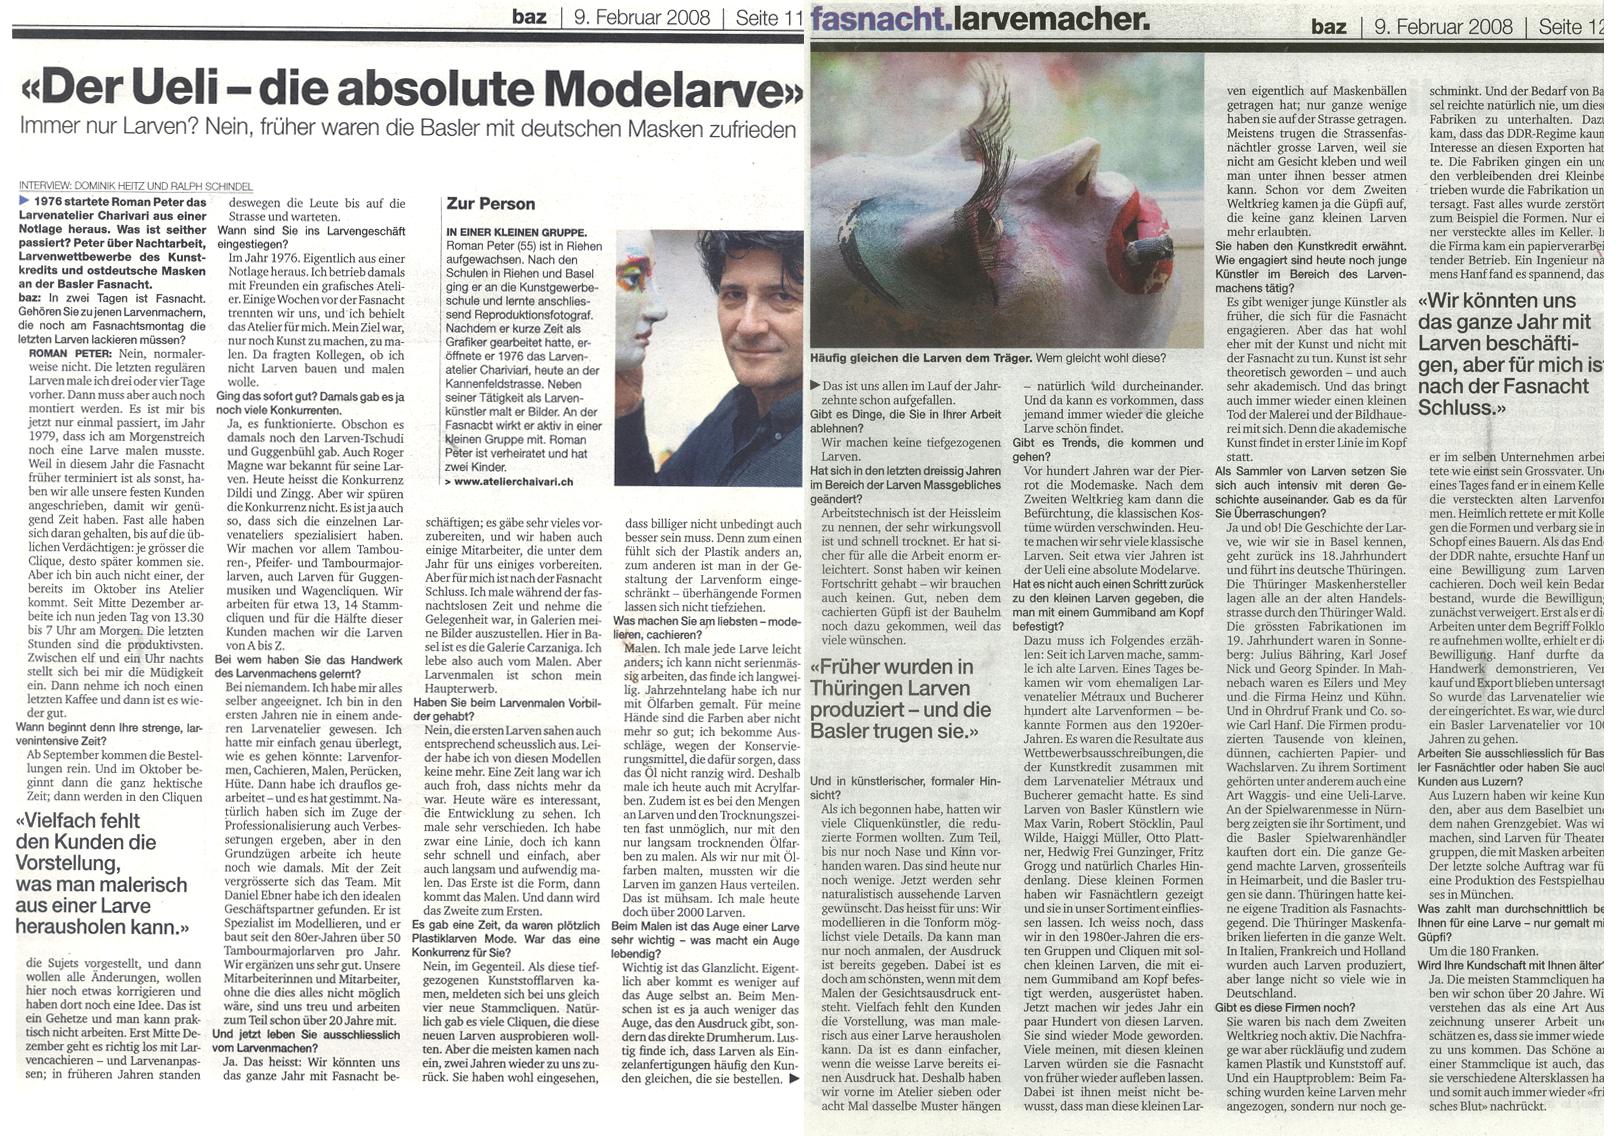 Februar 2008, Basler Zeitung